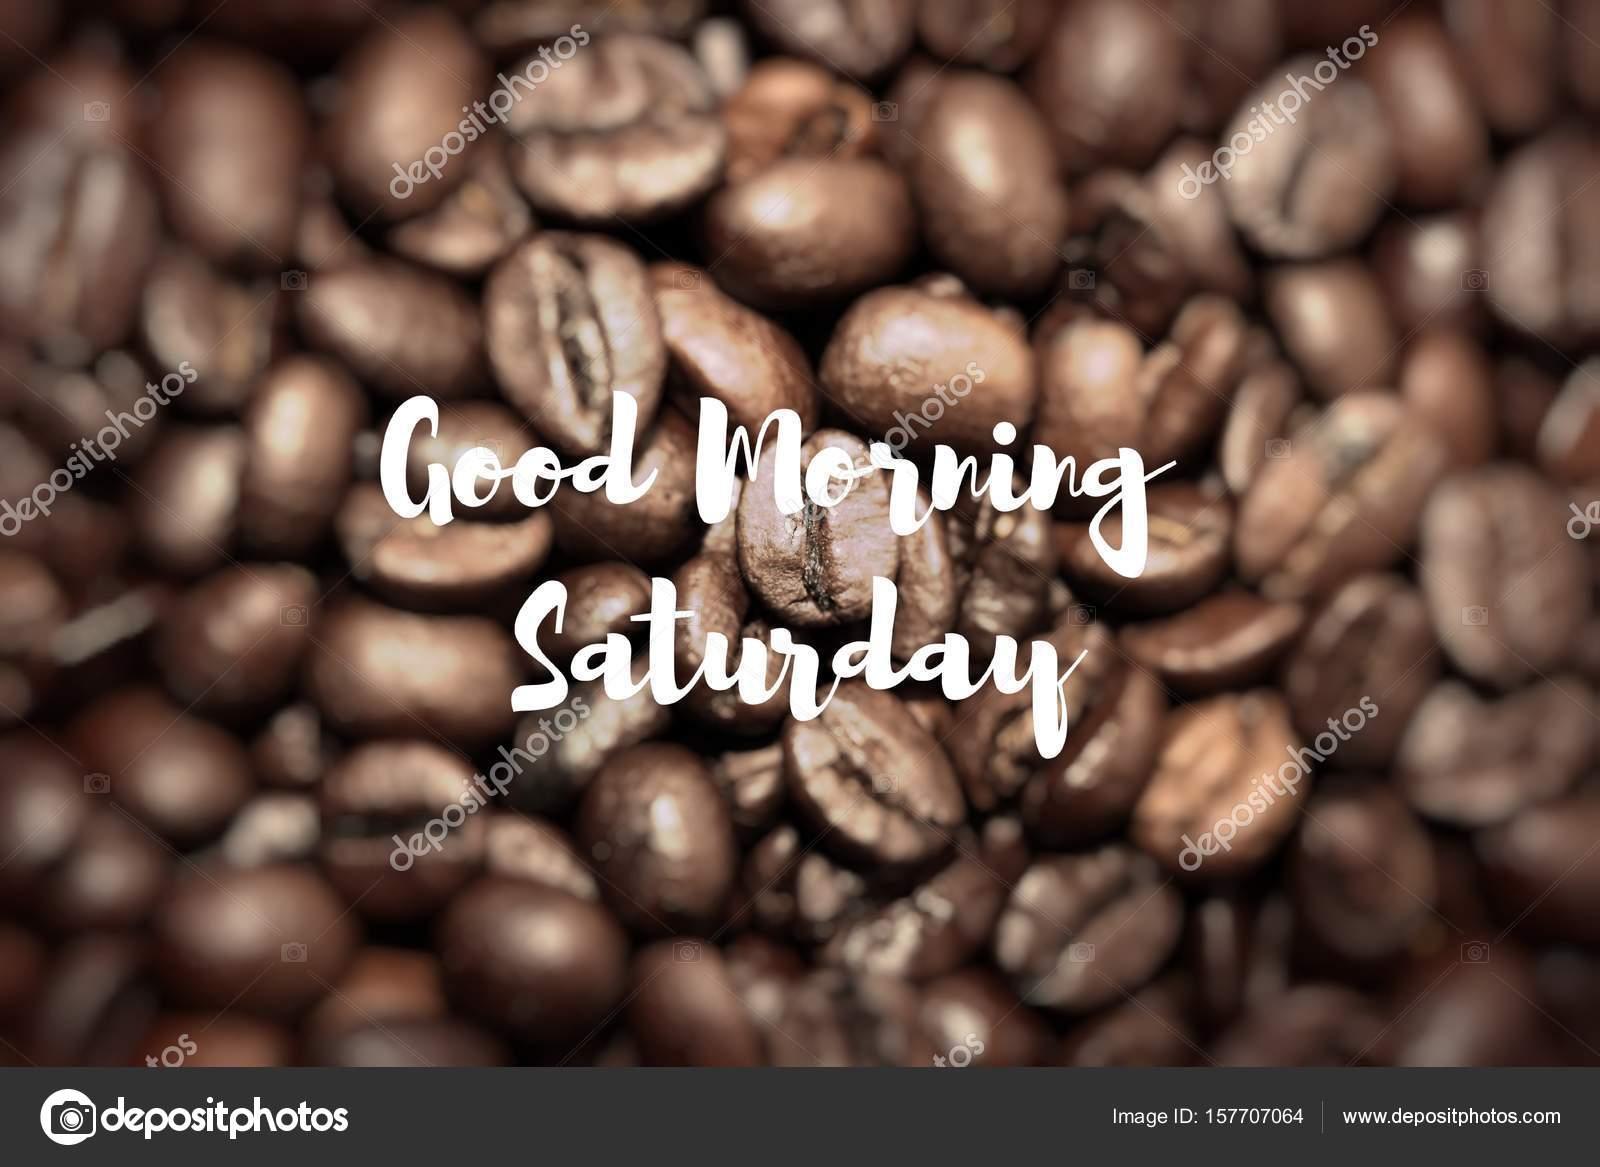 Guten Morgen Samstag Schönen Samstag Bilder Und Gif Guten